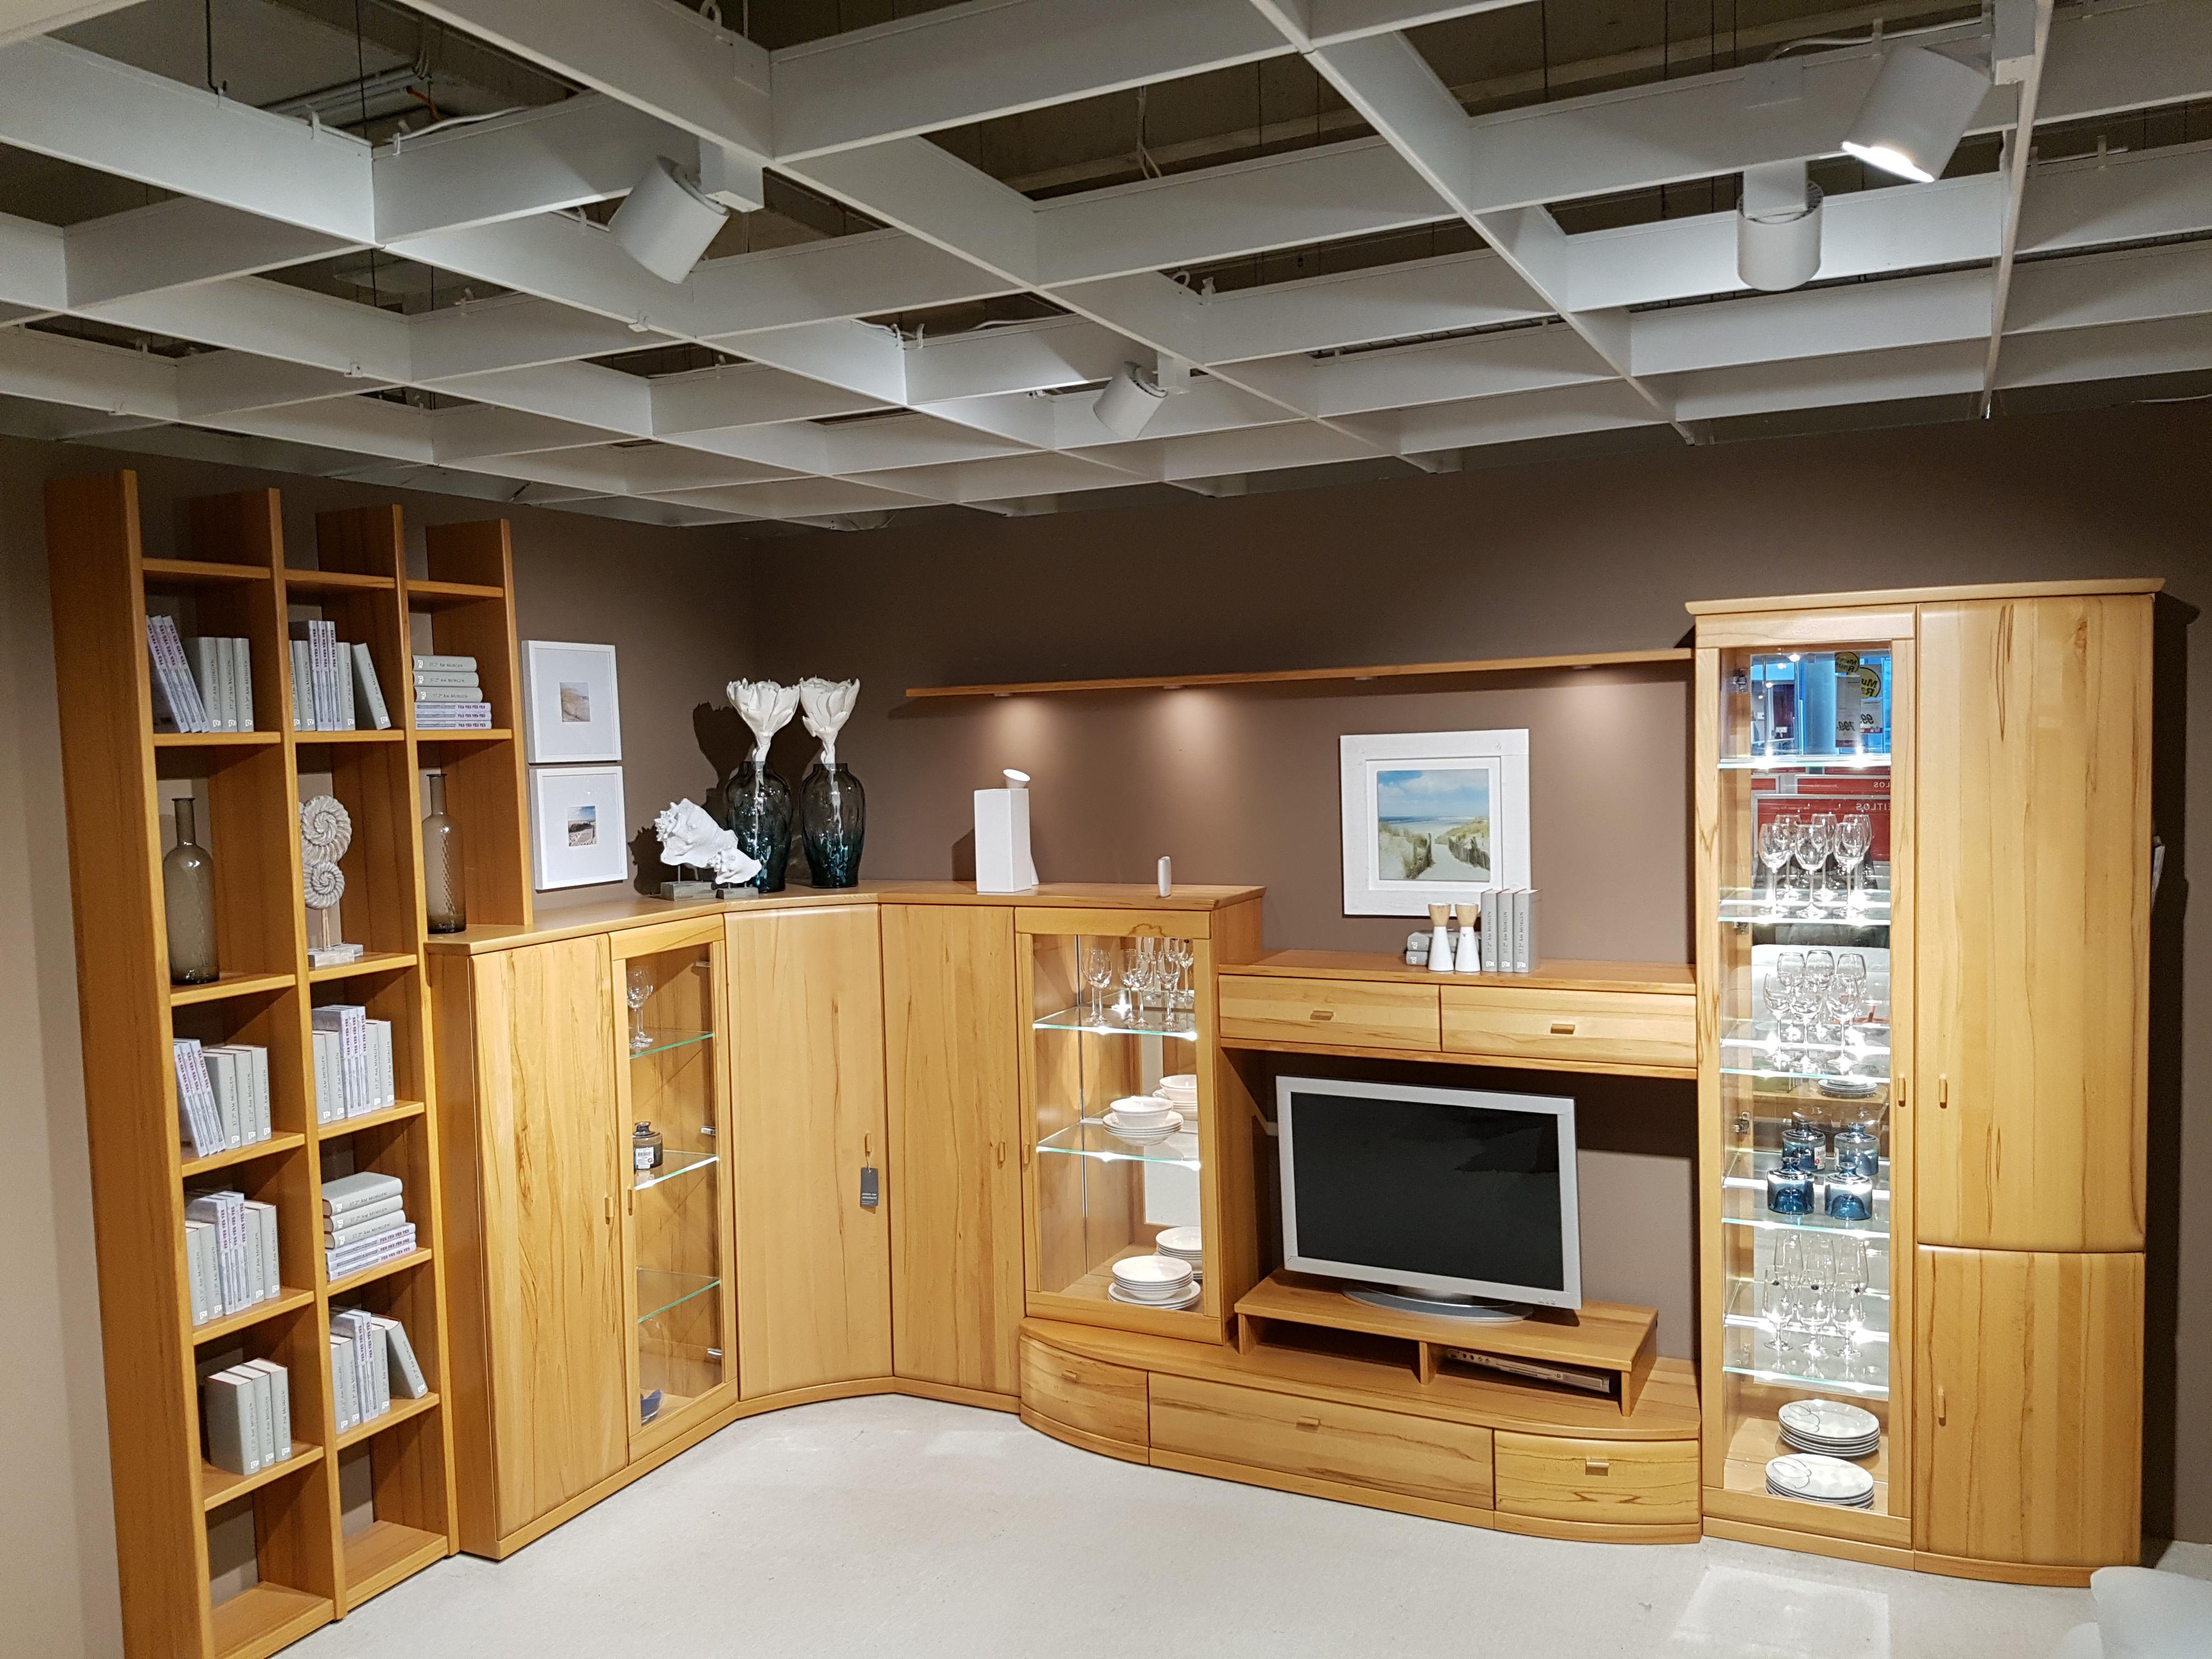 1479393416290_20161117_135534 Spannende Deckenleuchten Für Die Küche Dekorationen